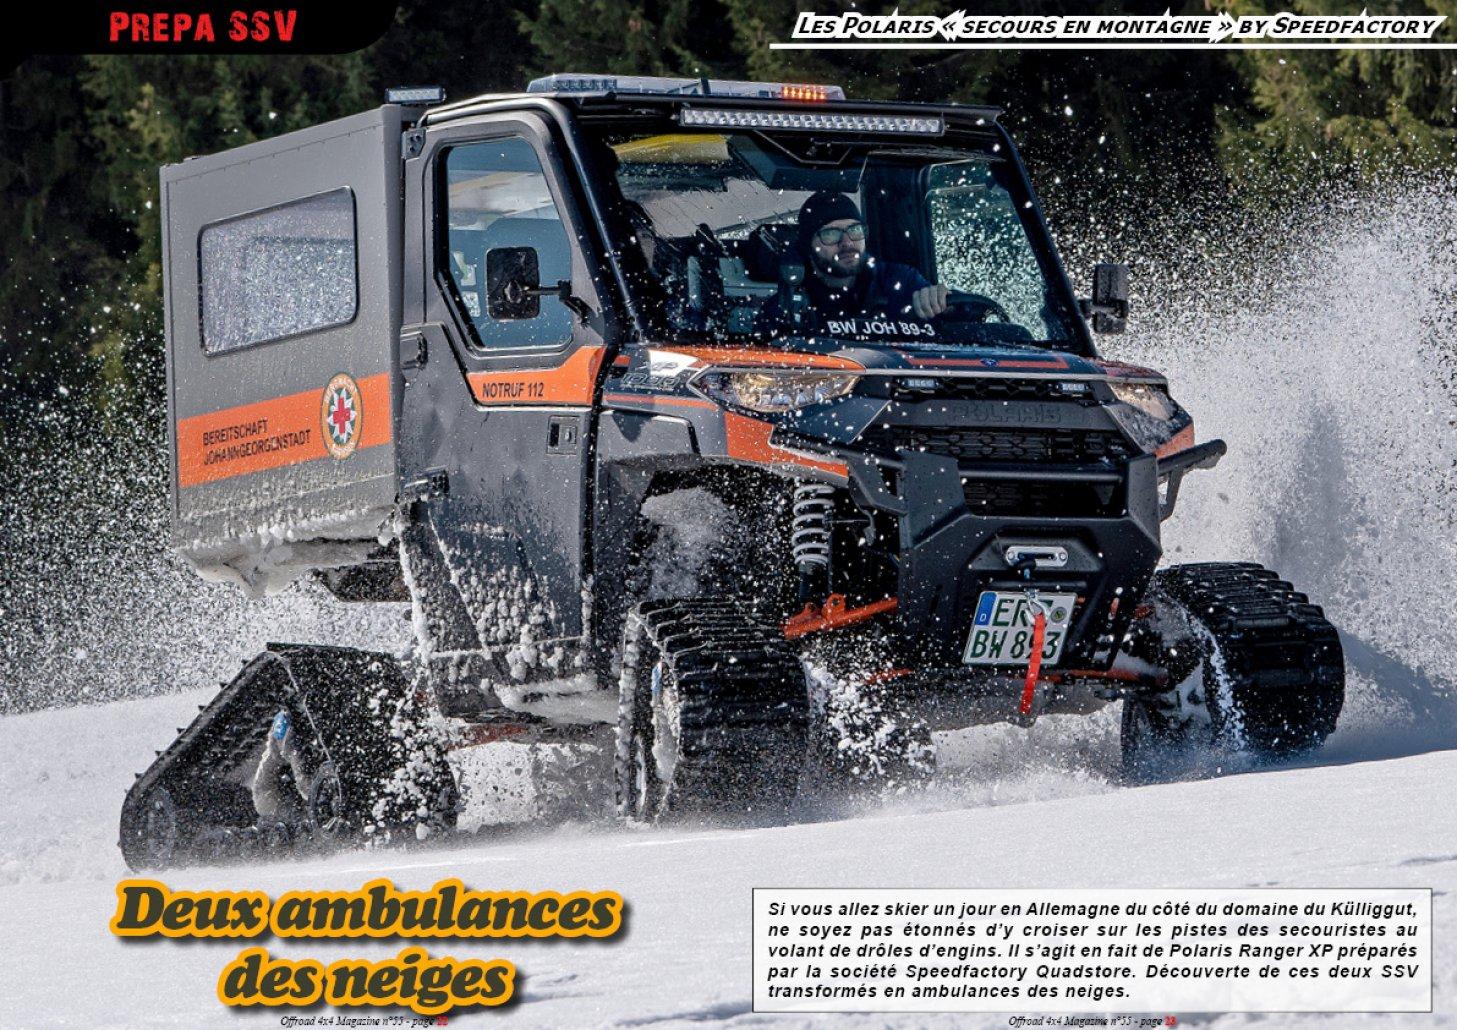 Les Polaris des neiges by Speedfactory